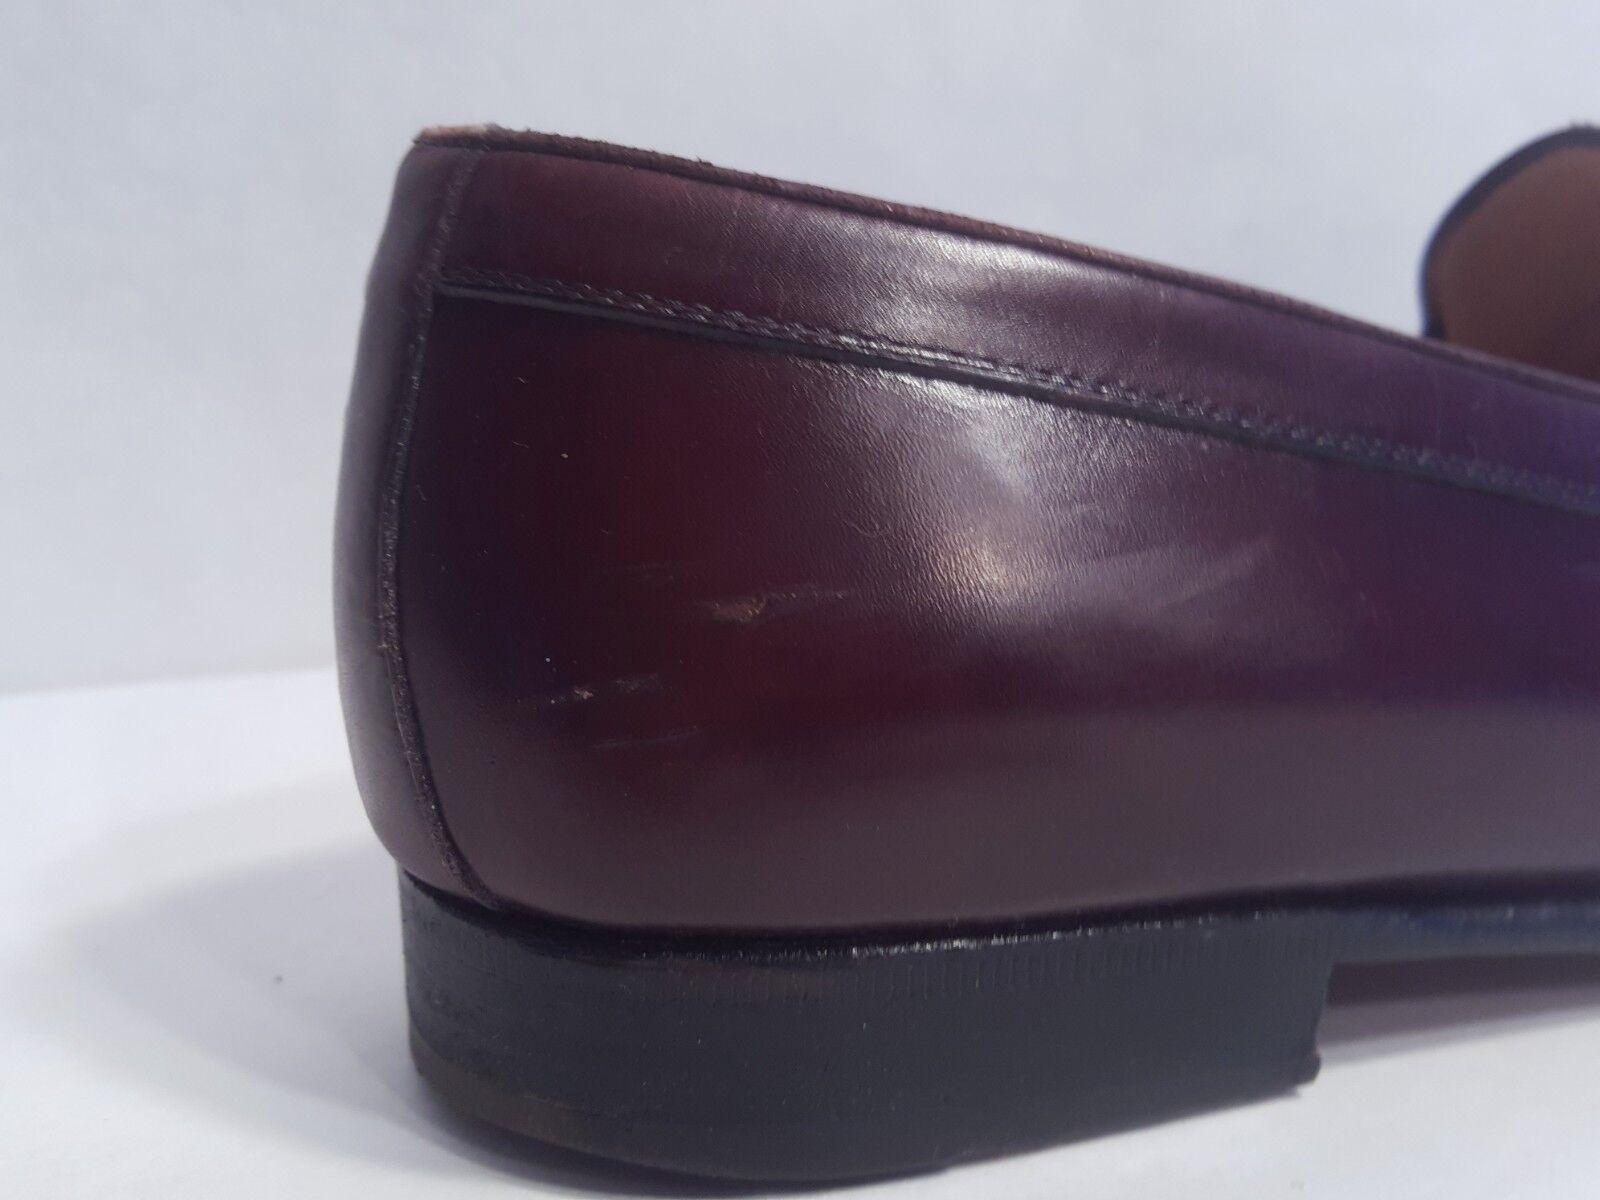 EUC Bally Arturo Leder Tassel Loafers Mahogany Braun Braun Mahogany Made in  Größe 8 D 28ad22